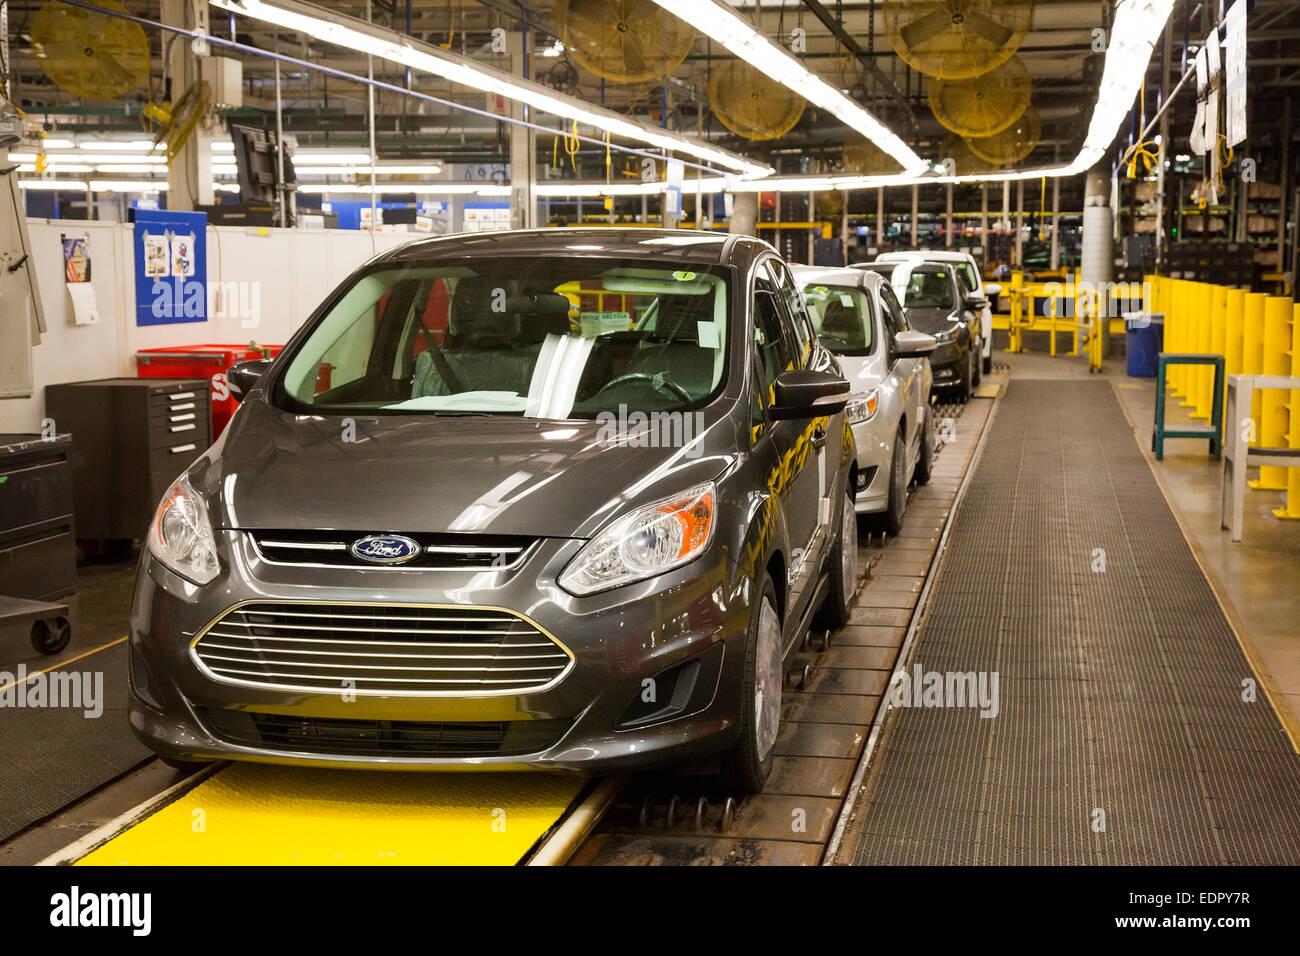 Wayne, Michigan - La Ford C-Max Hybrid a Ford Michigan impianto di assemblaggio. Immagini Stock